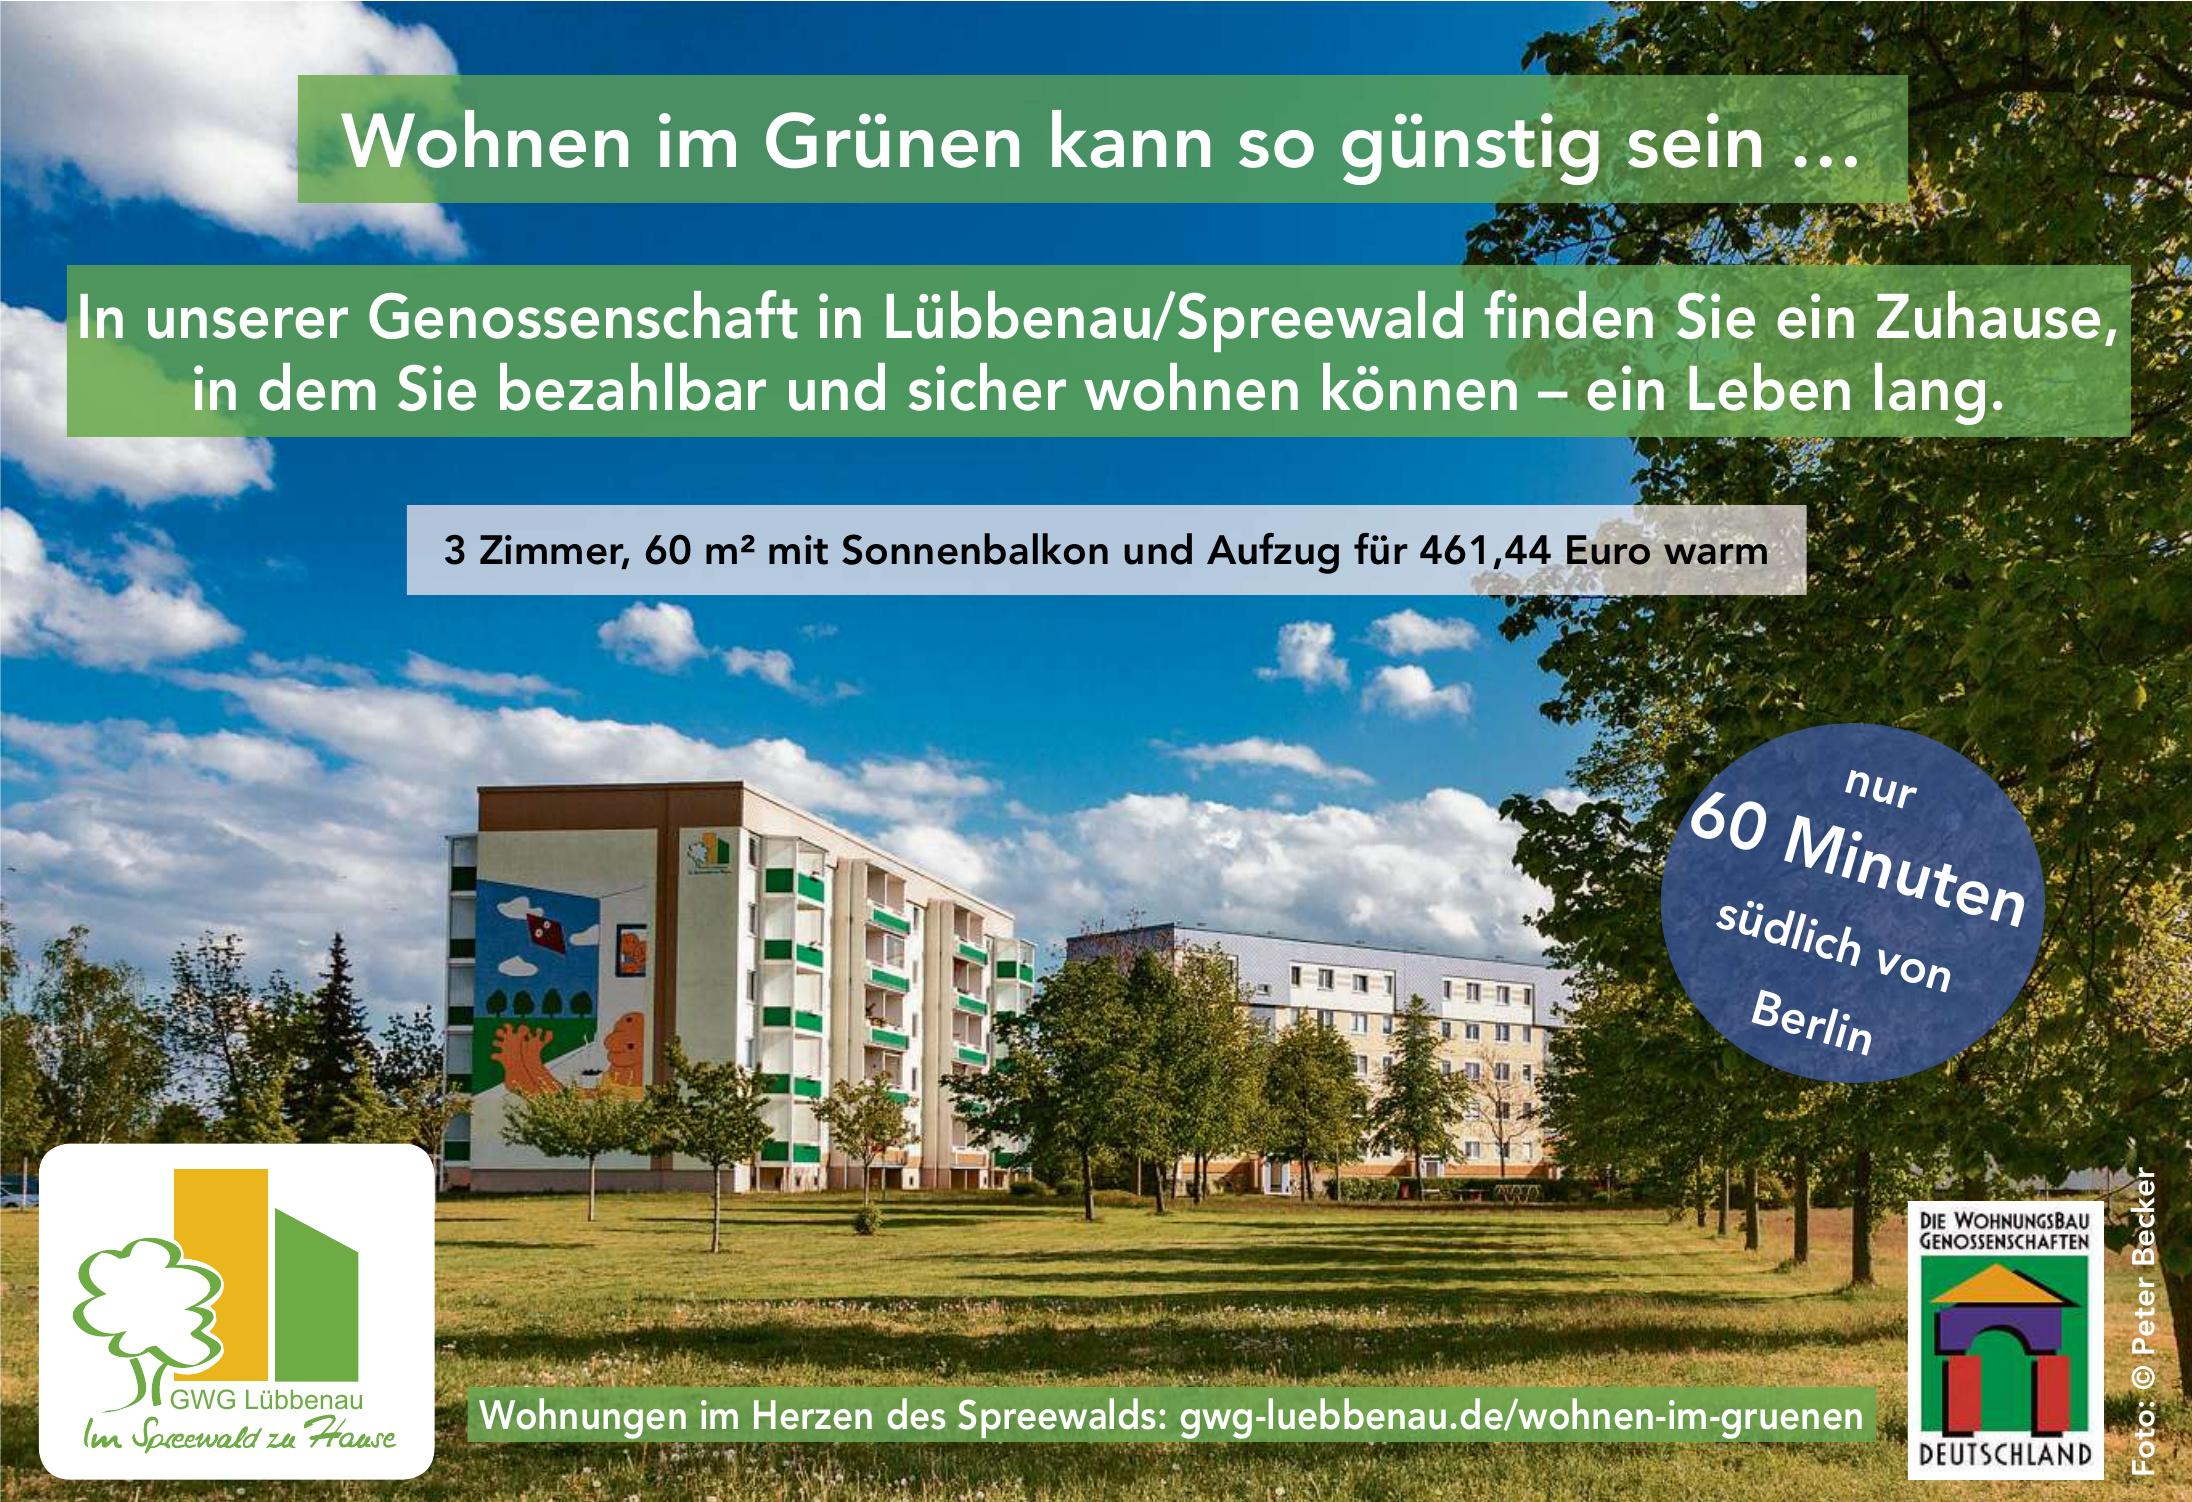 GWG Lübbenau